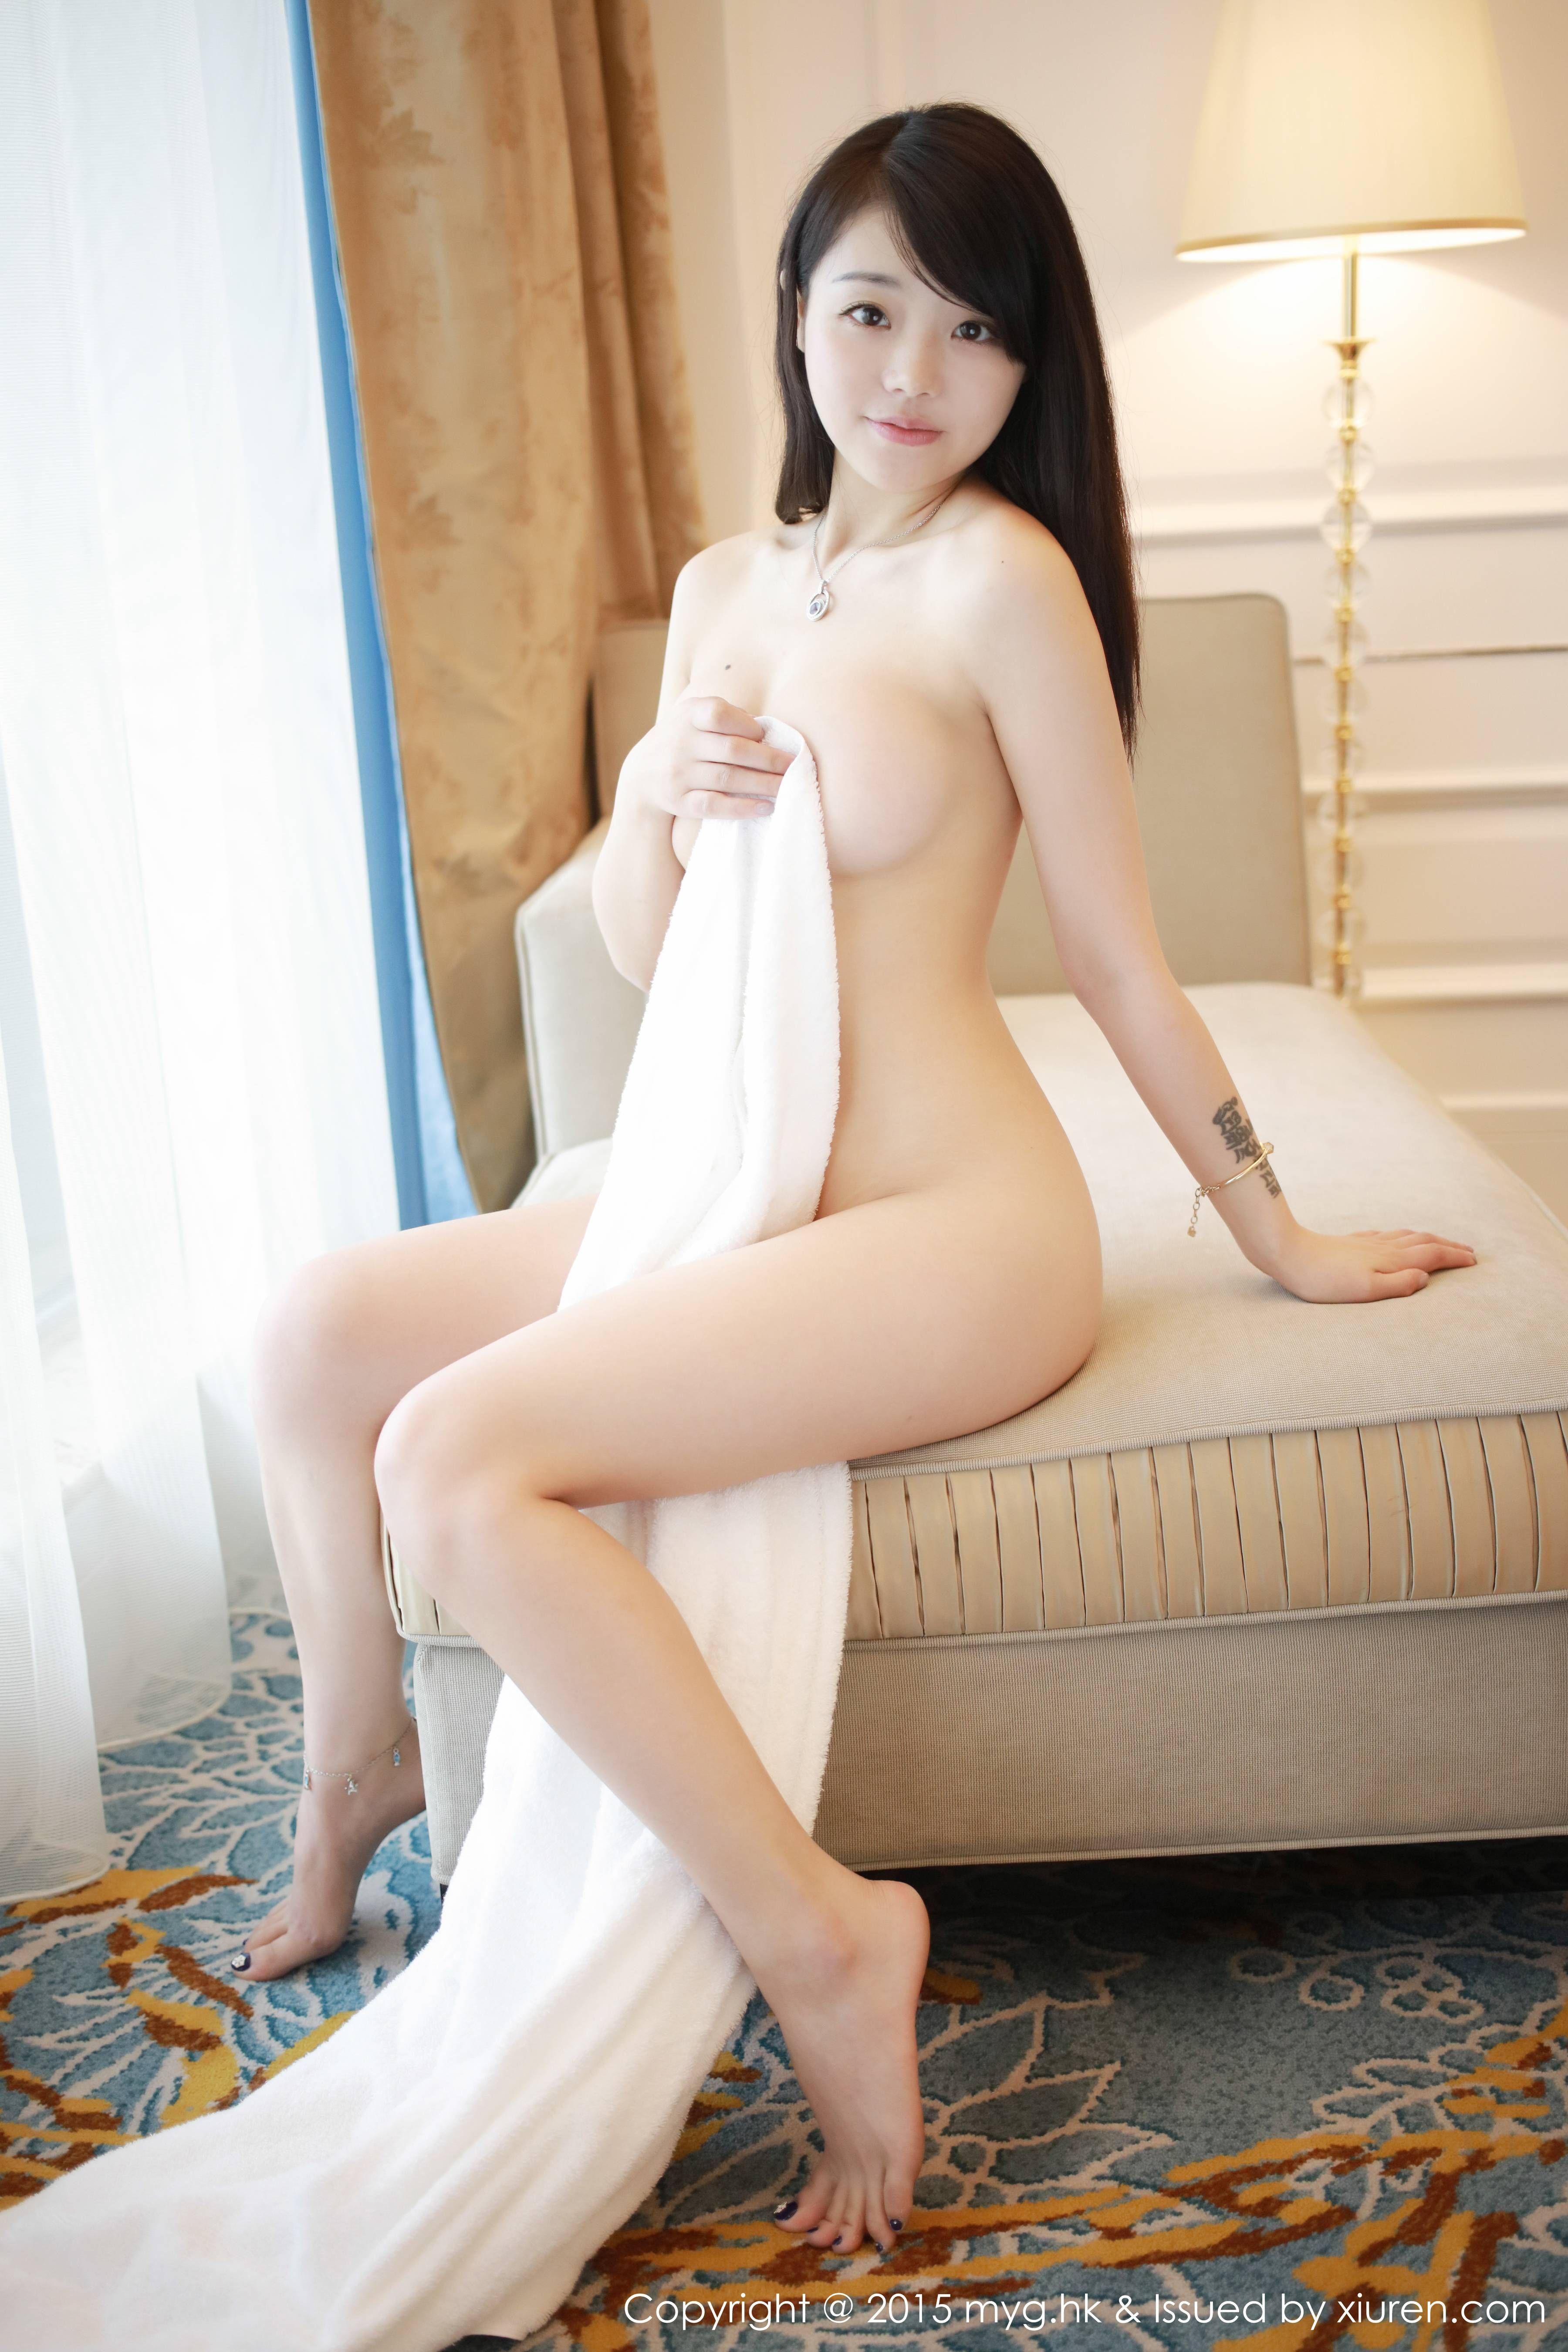 frodige kvinder asian massage sex